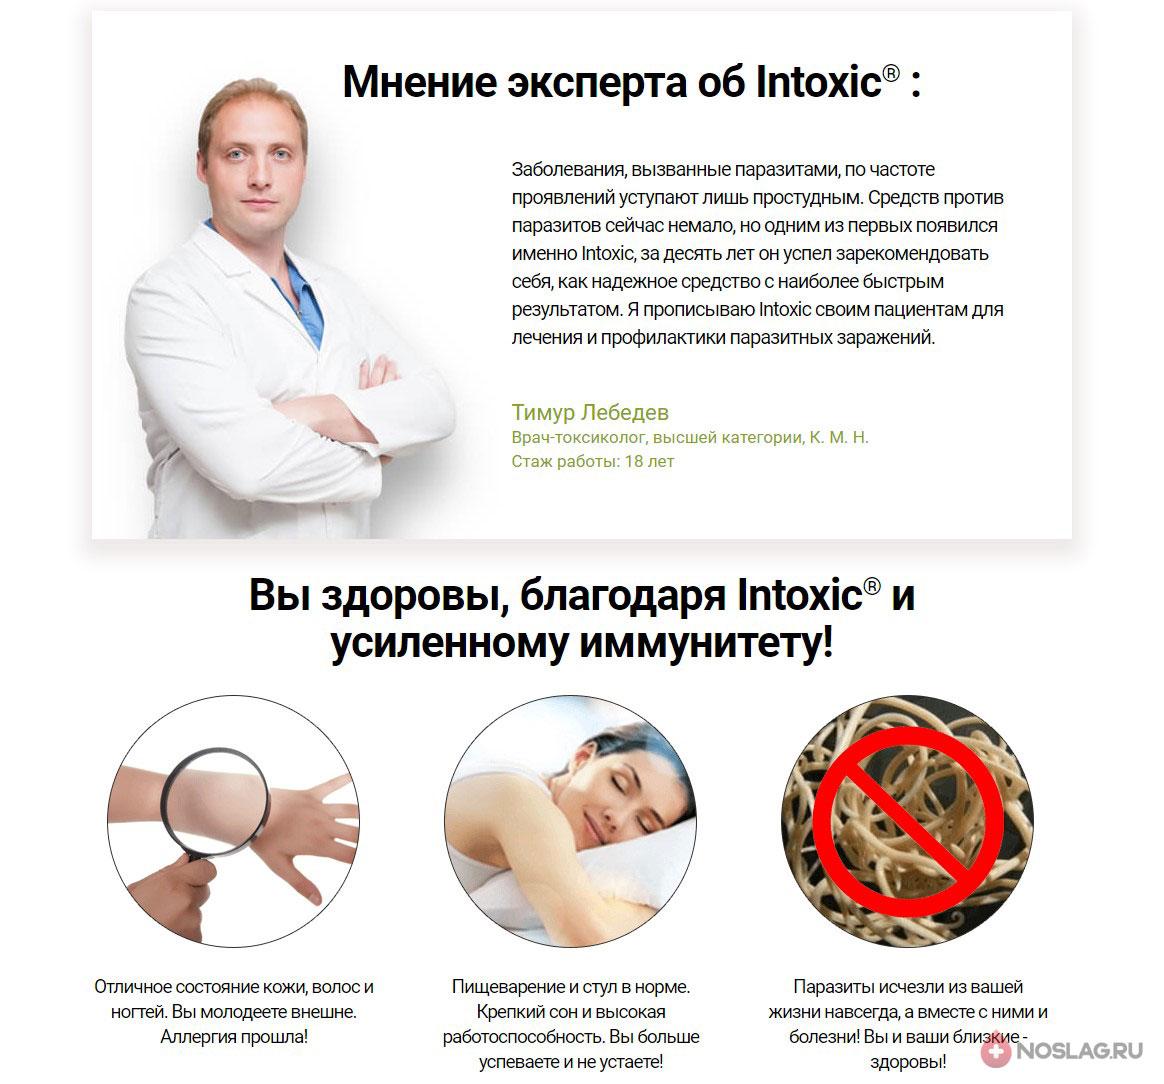 Вся правда об Интоксик от паразитов i4